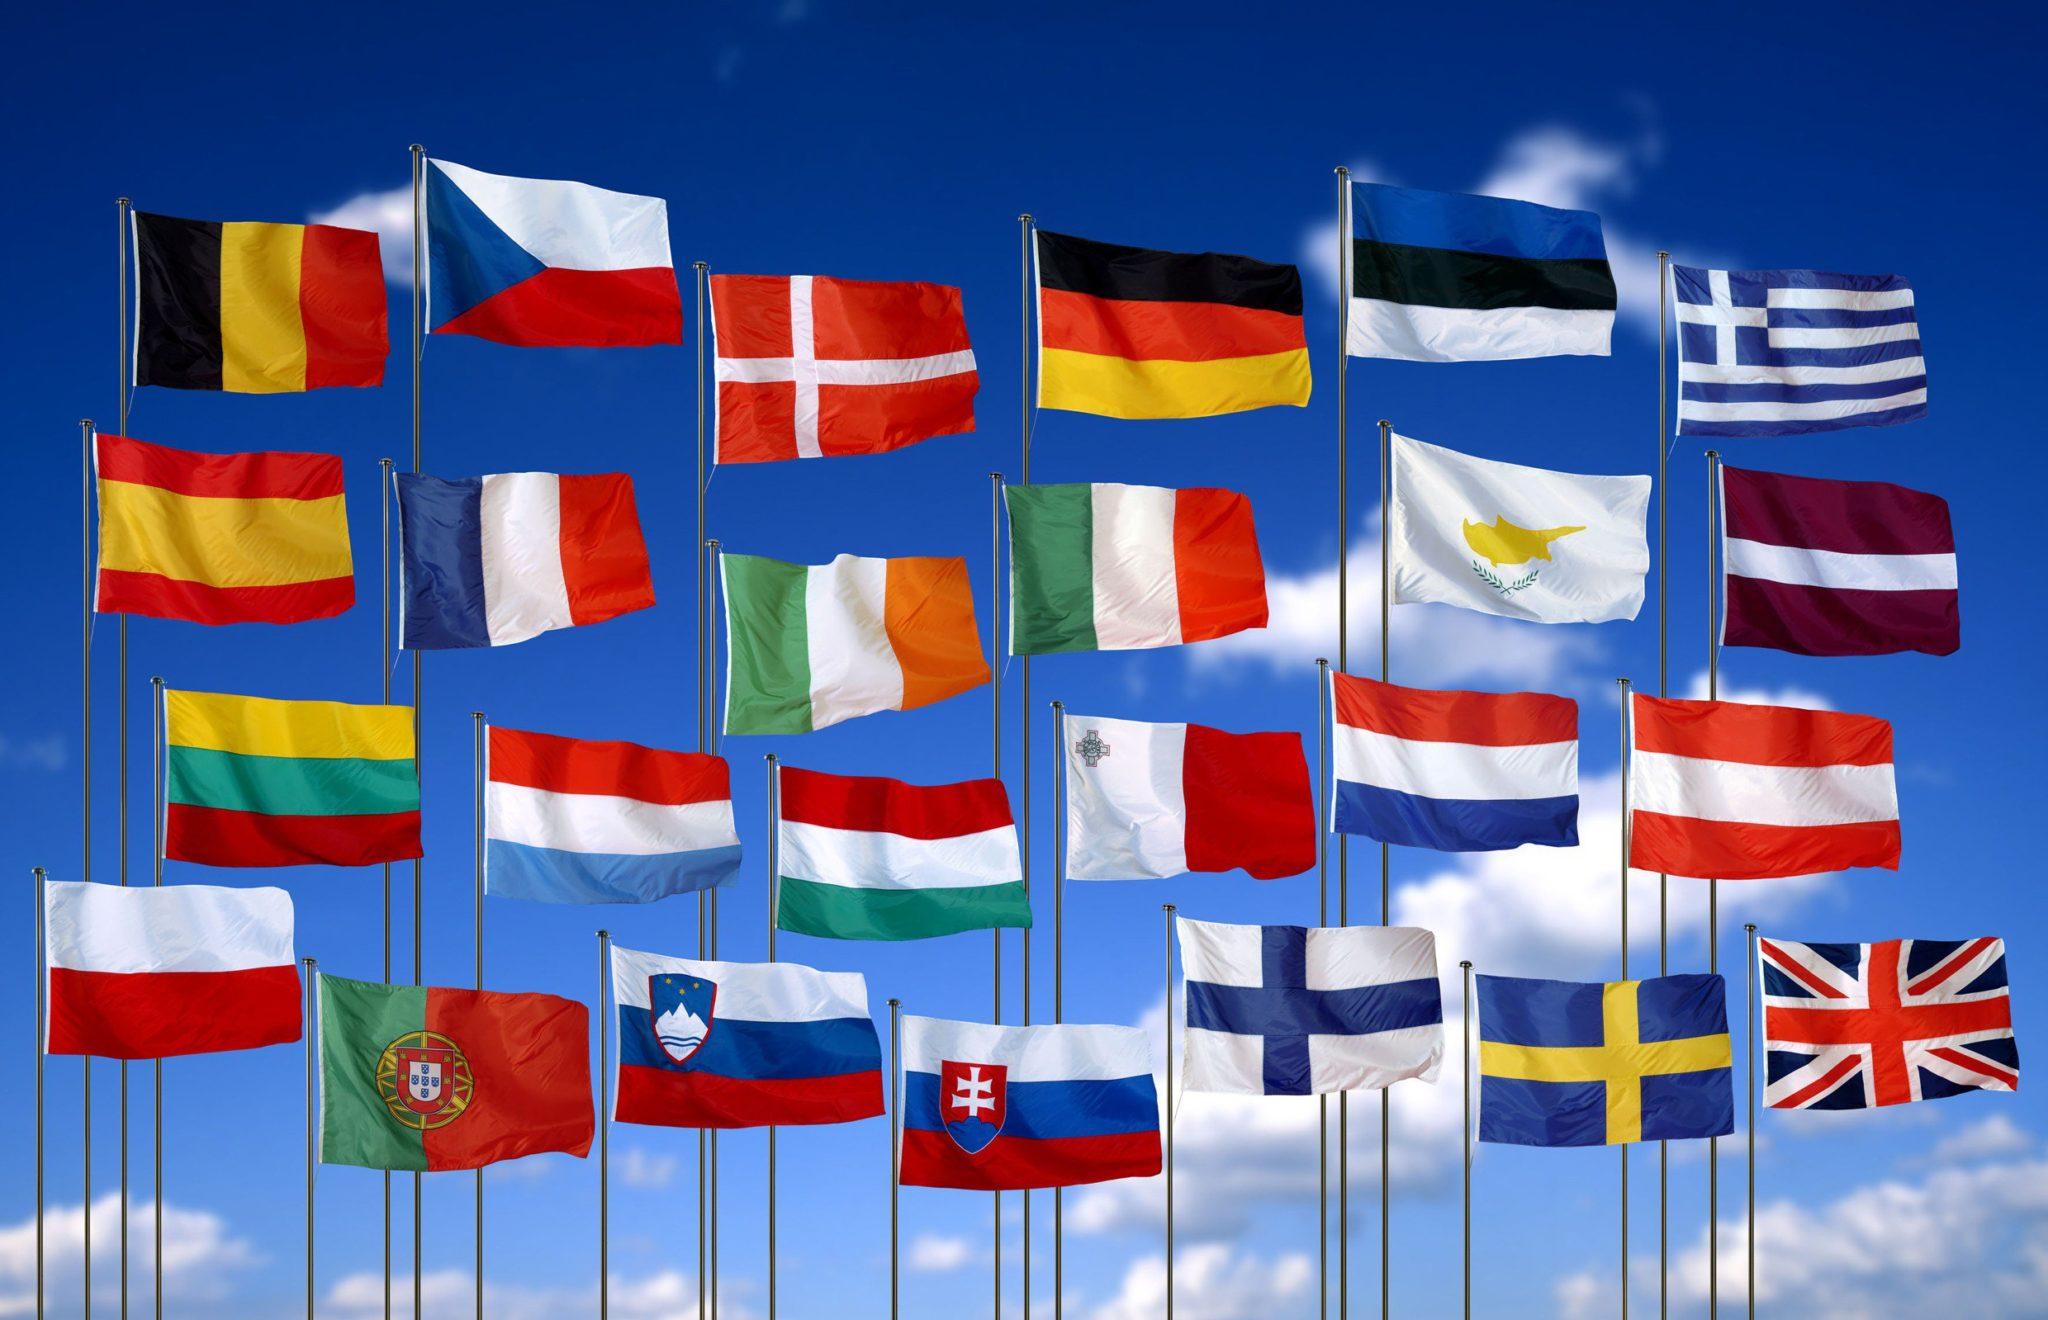 Το διεθνές περιβάλλον, το έθνος – κράτος και εμείς